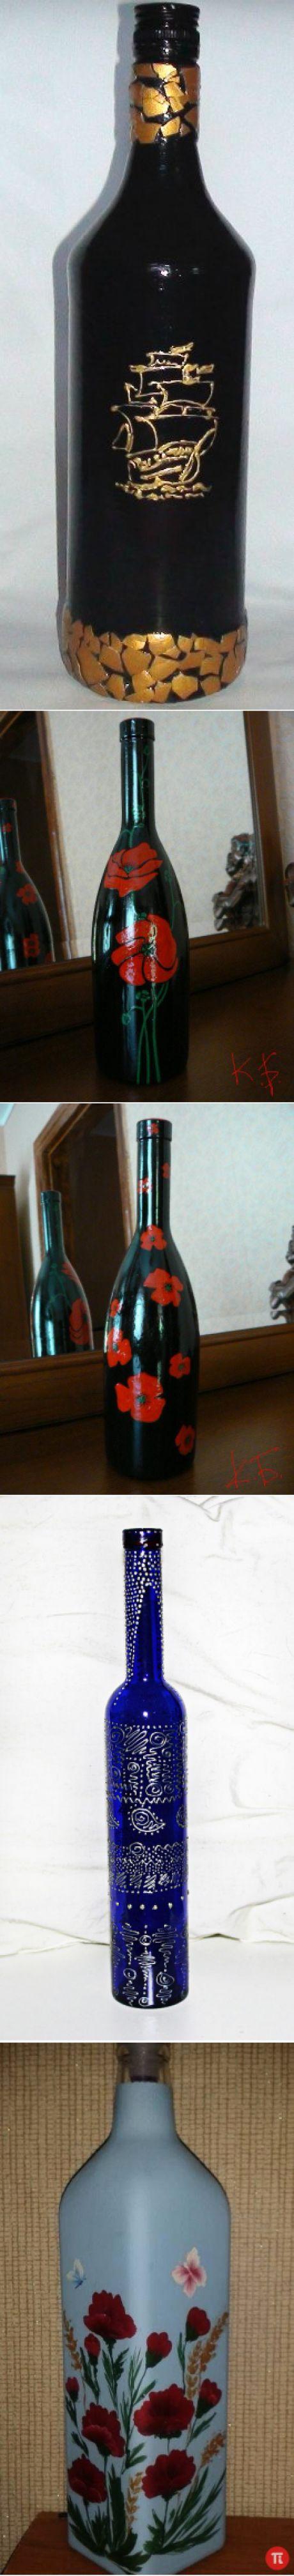 Поиск на Постиле: роспись бутылок